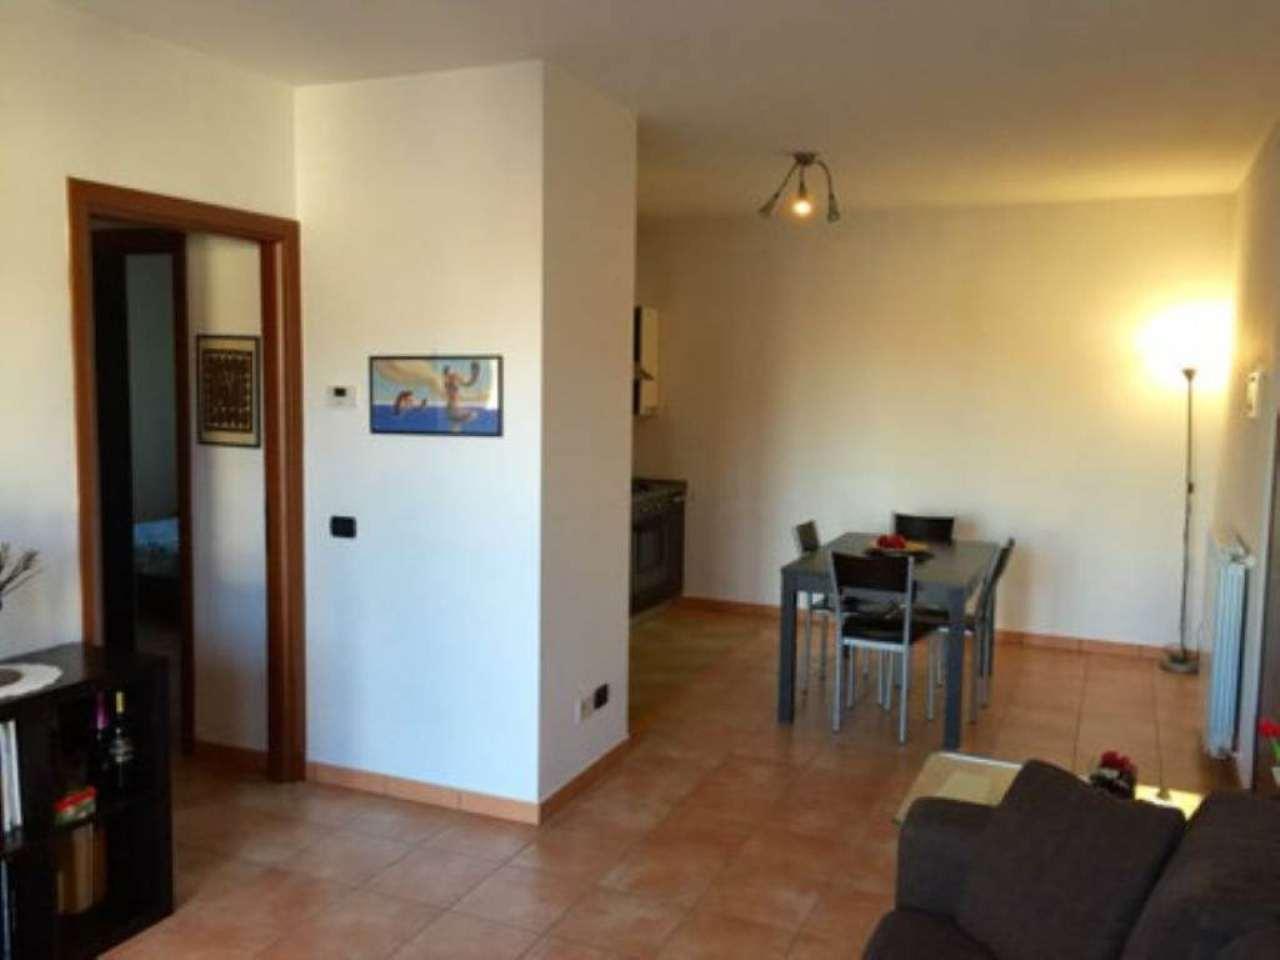 Appartamento in vendita a Gropello Cairoli, 3 locali, prezzo € 115.000 | Cambio Casa.it